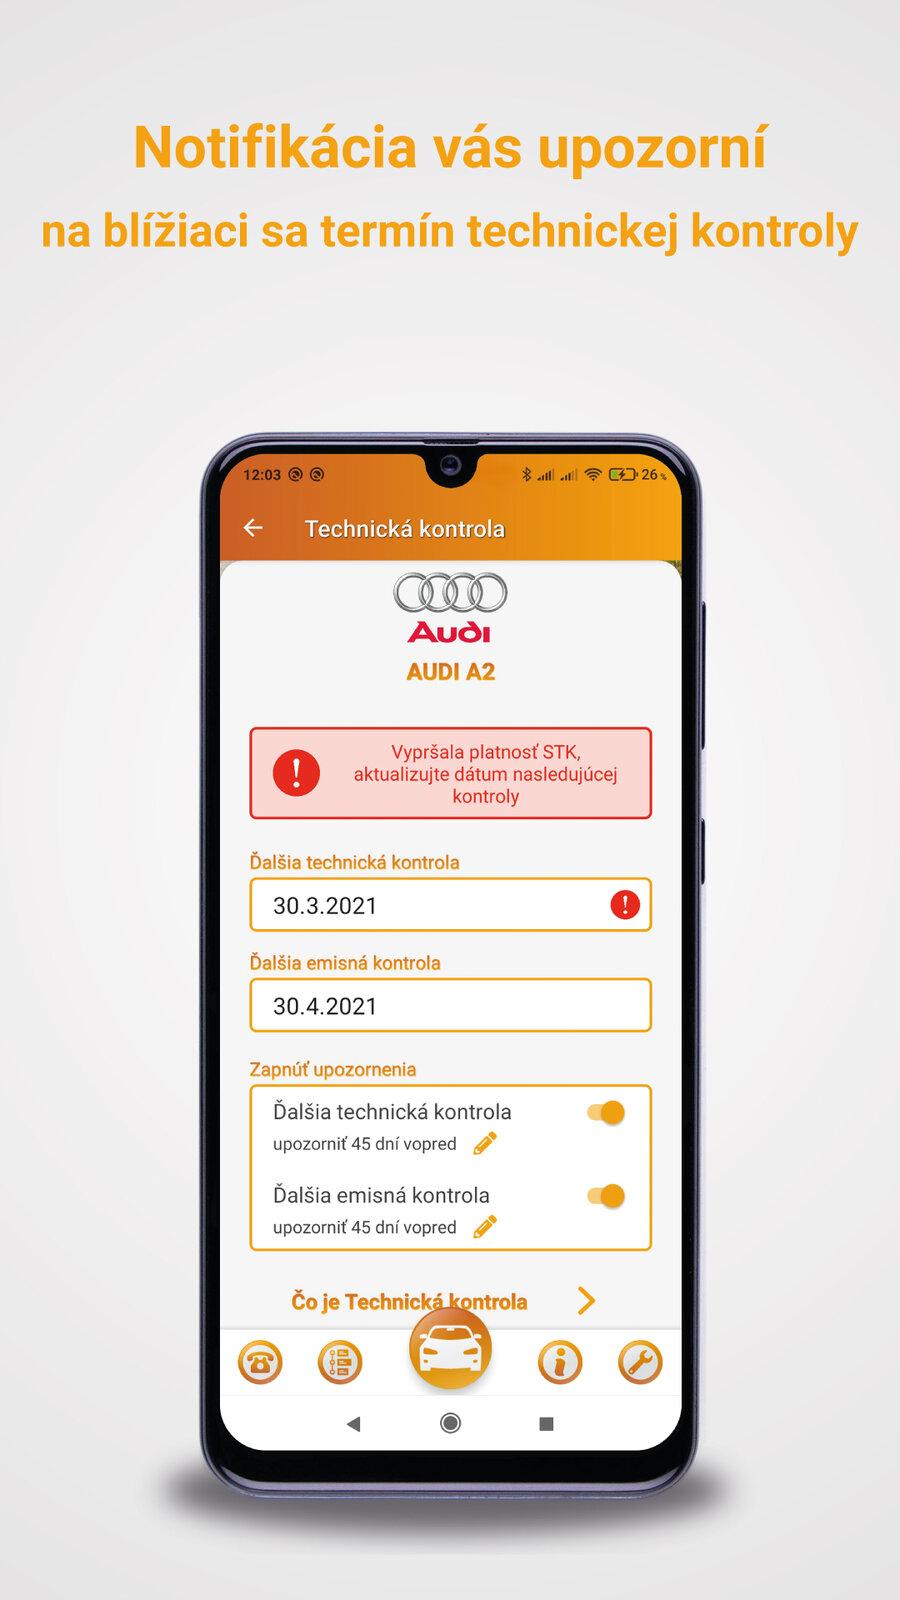 AutoMobil_Google Play Screen_SK_4 (1)